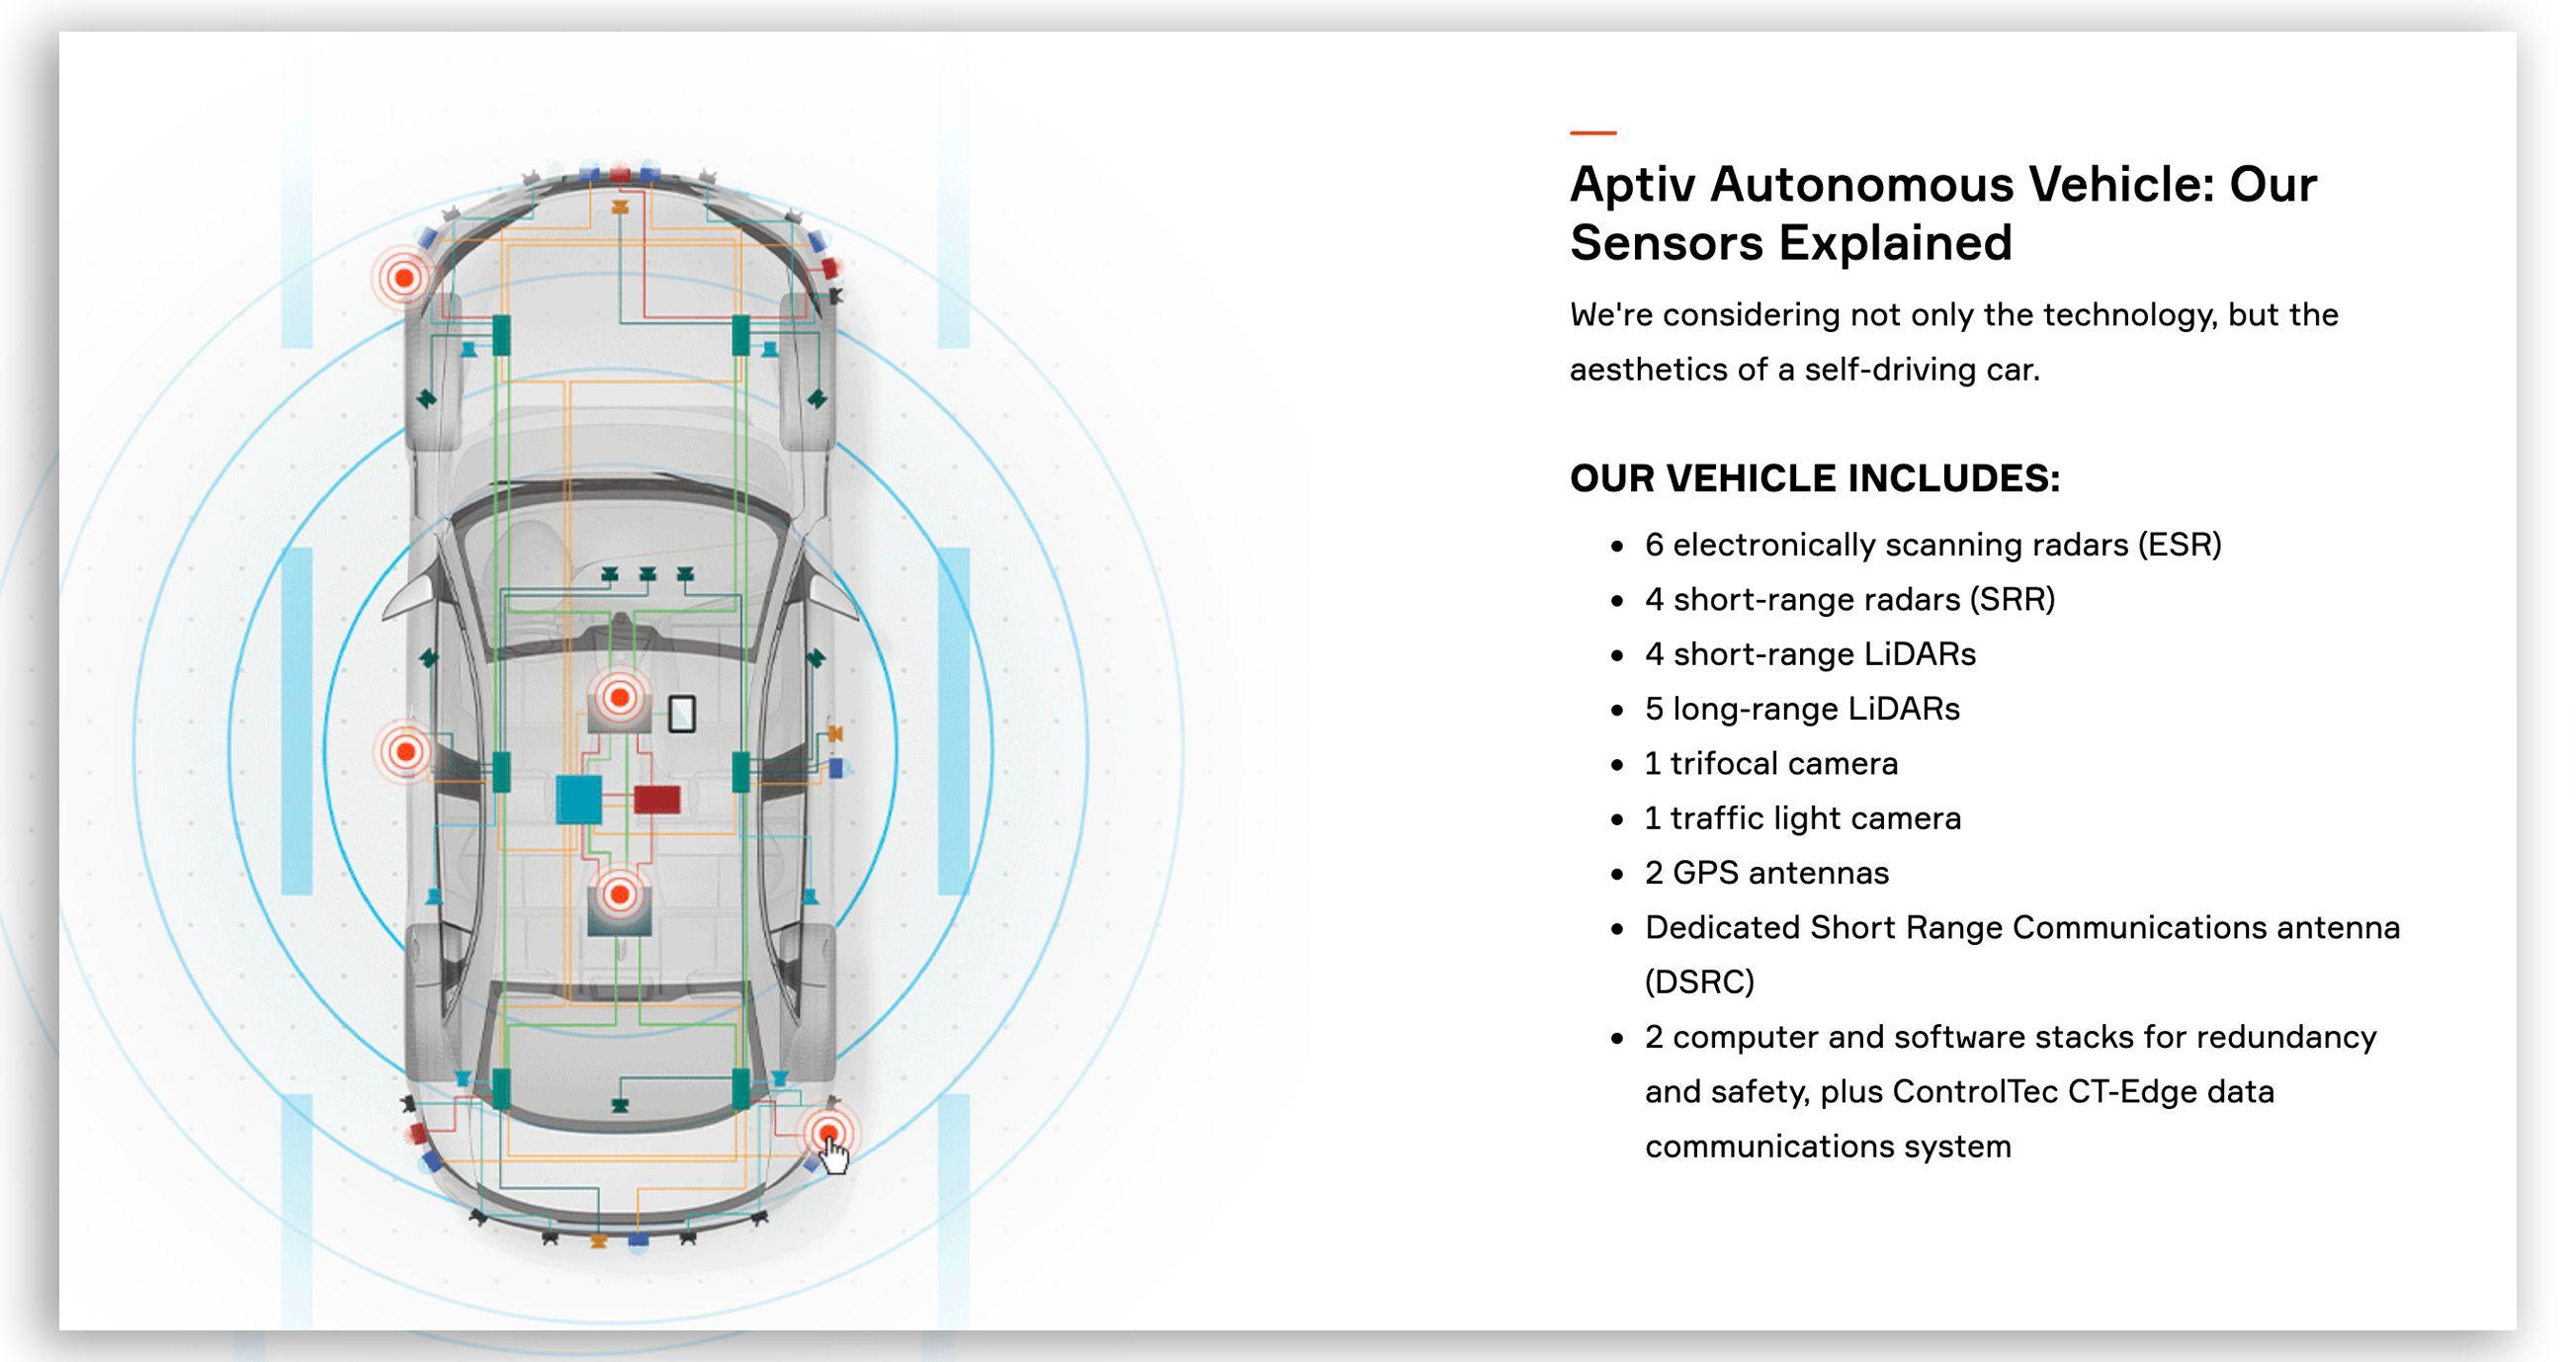 Bilene til Aptiv og Lyft er tungt utstyrt med sensorer.